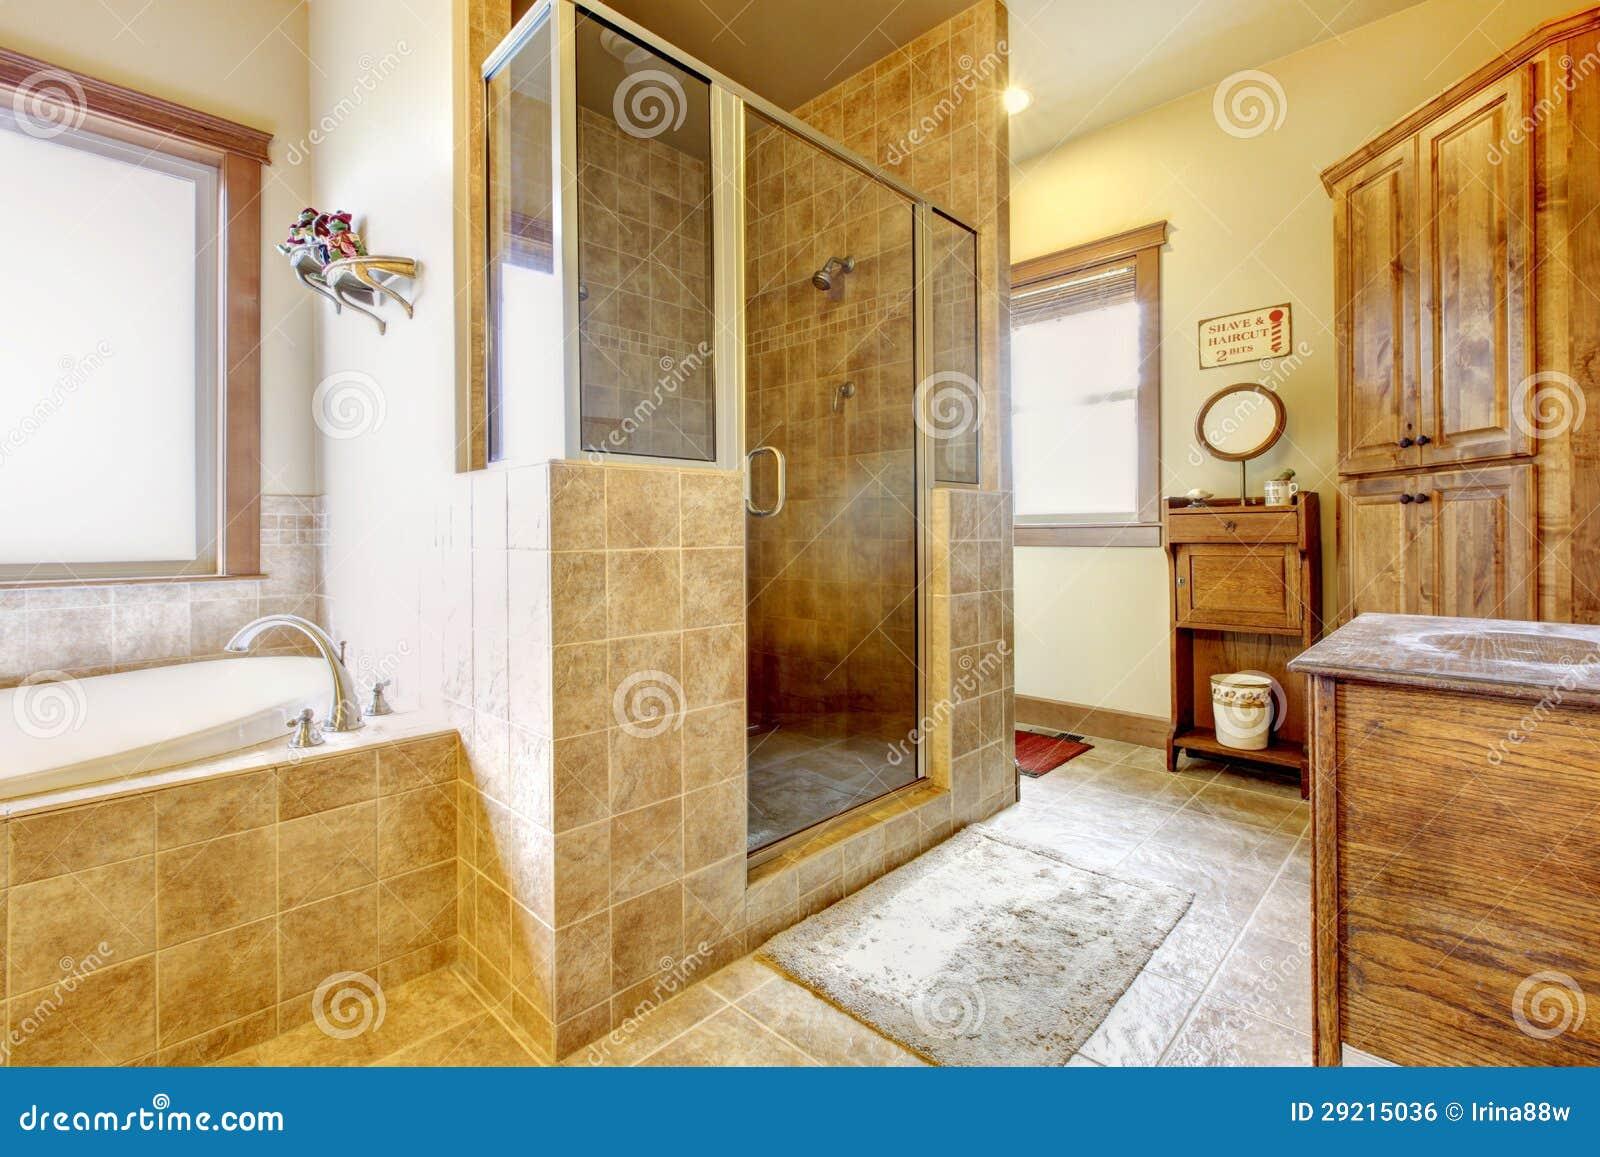 Grande Banheiro Com Mobília De Madeira E Cores Naturais. Imagem de  #3B1408 1300x957 Banheiro Bege Com Madeira